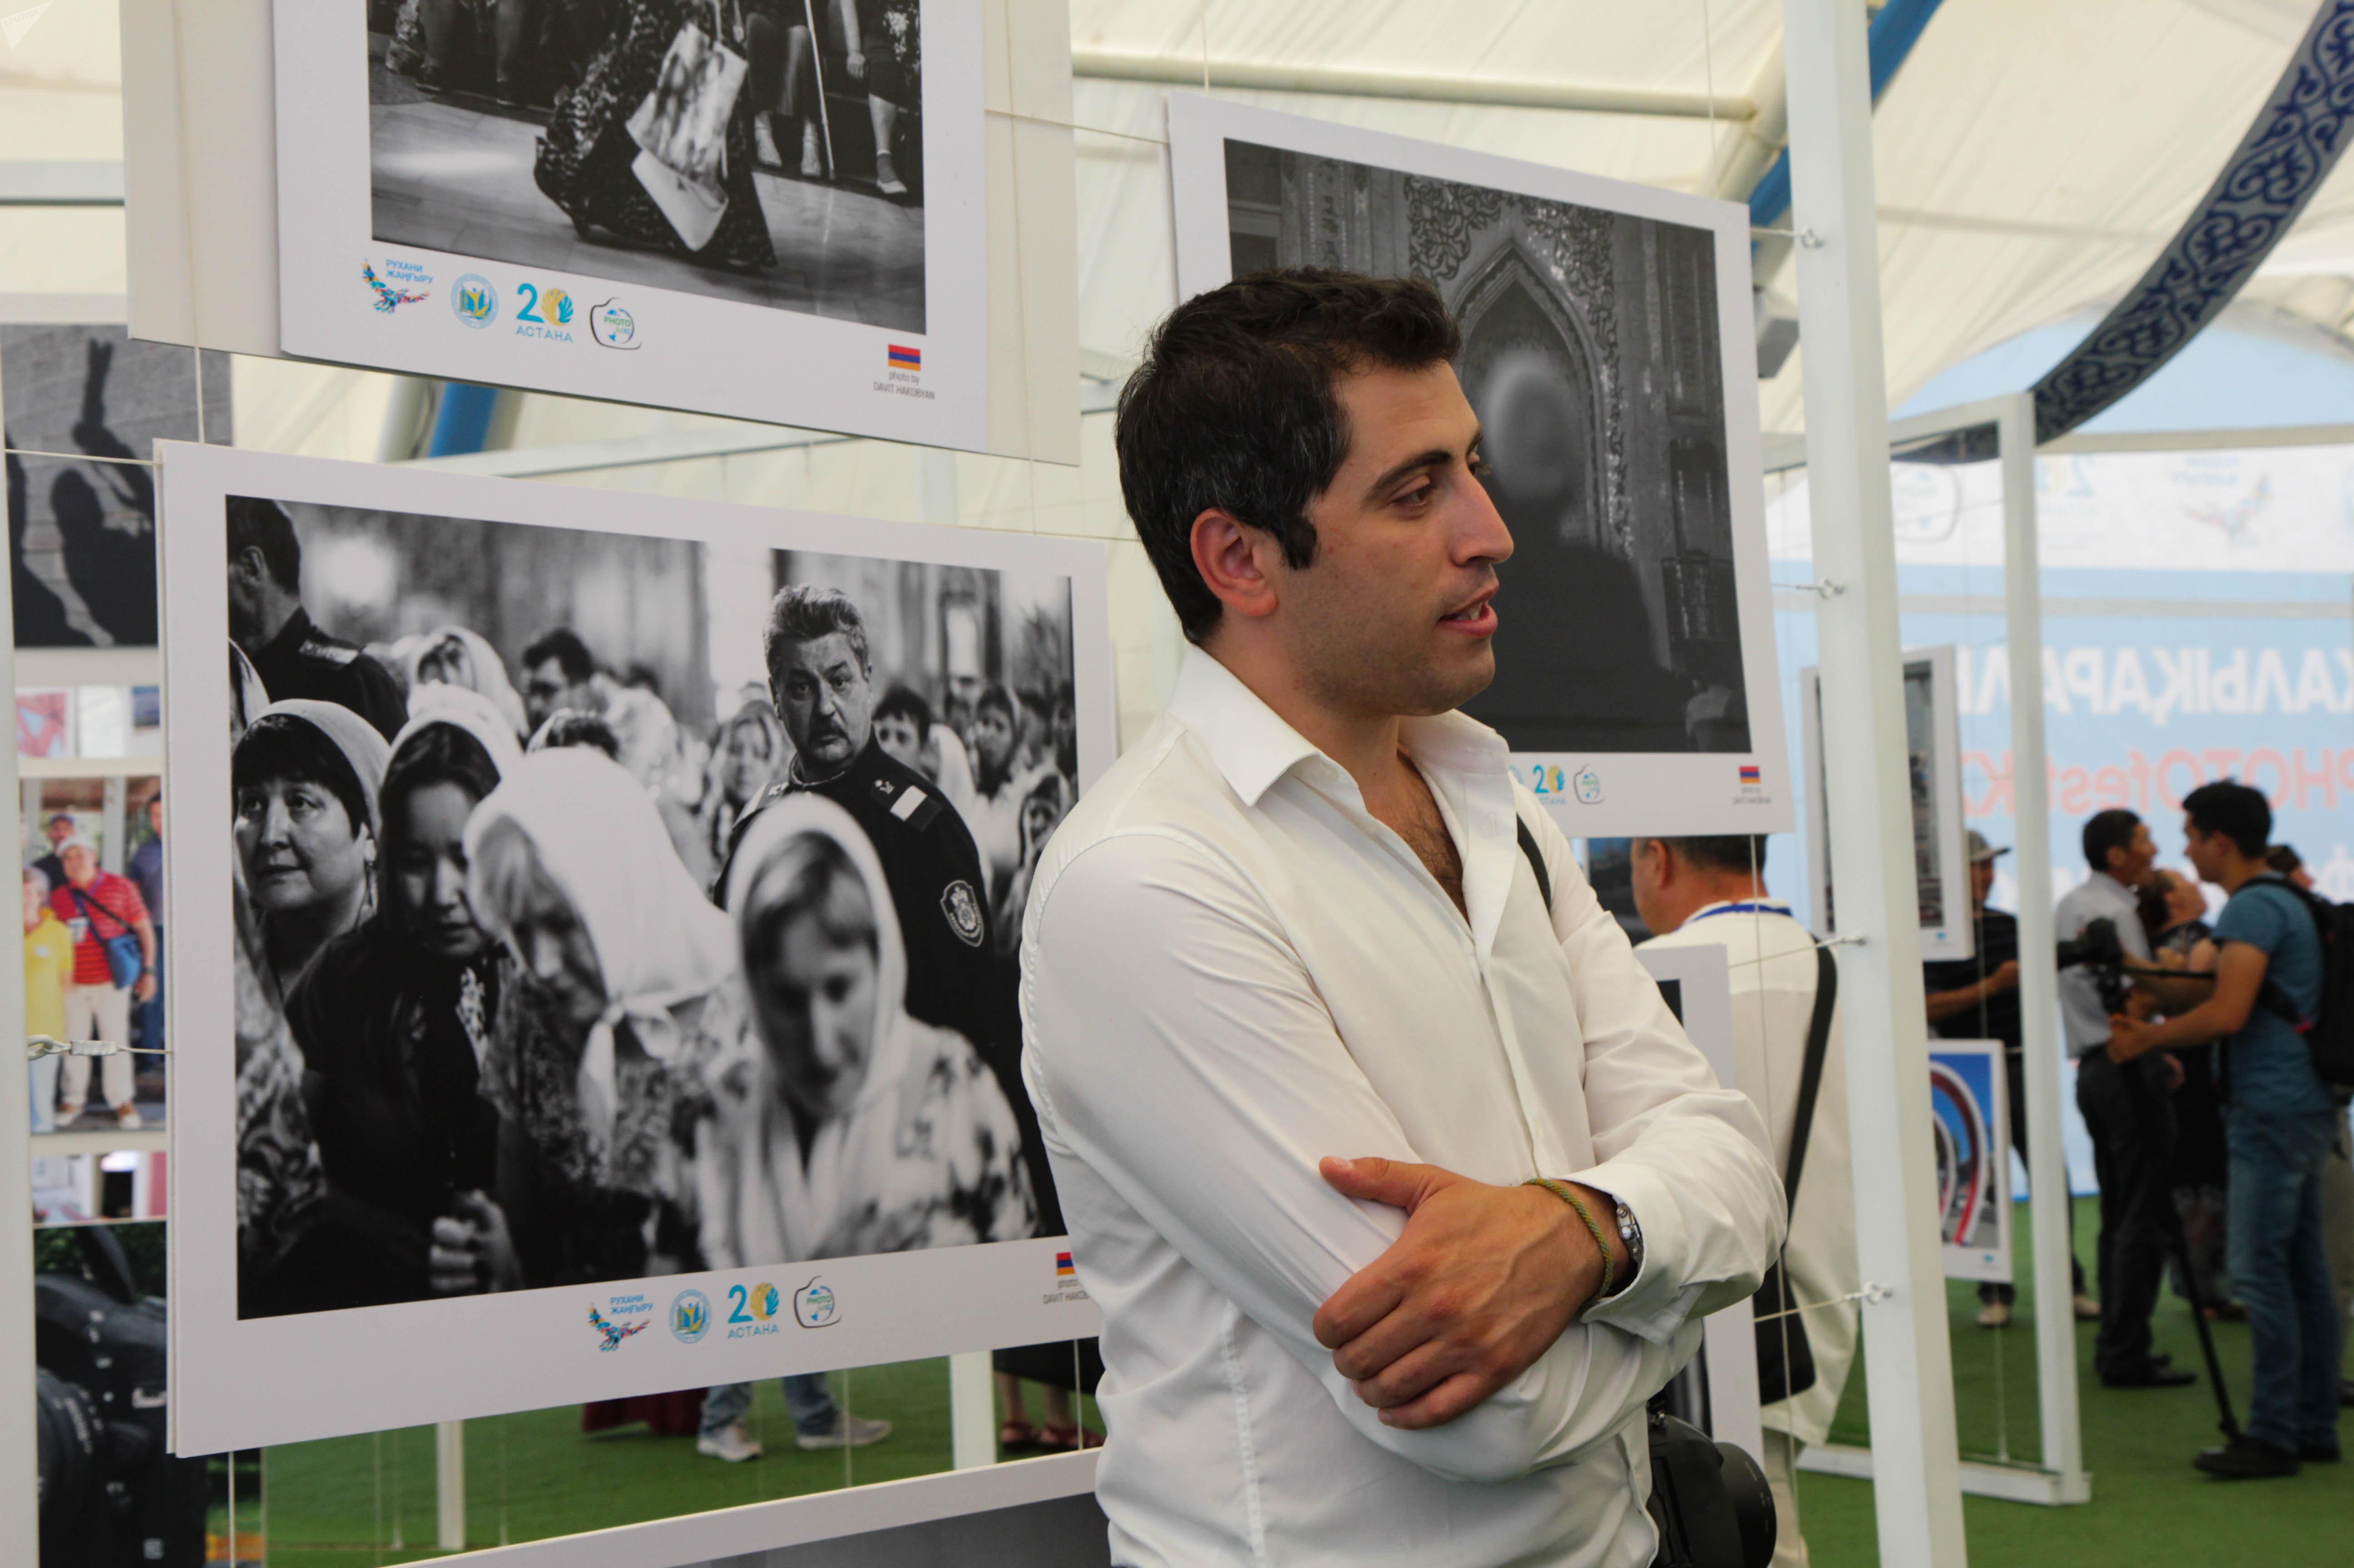 Фотограф из Армении Давид Акопян приехал в Астану на фотофестиваль